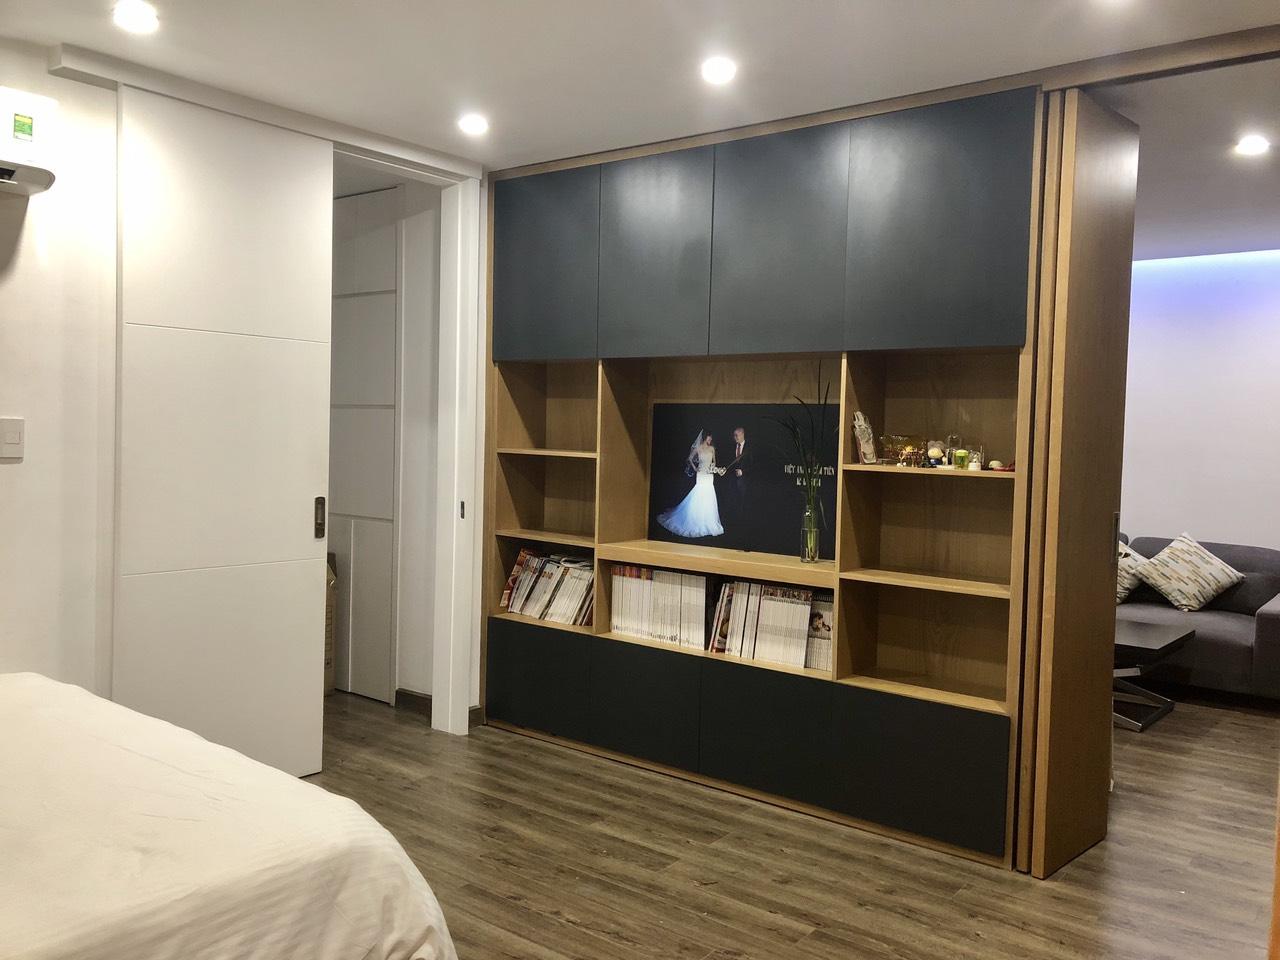 Cho Thuê 1 PN Nguyen Thi Minh Khai D1 Serviced Apartment - Đầy Đủ Nội Thất & Ấm Cúng -6